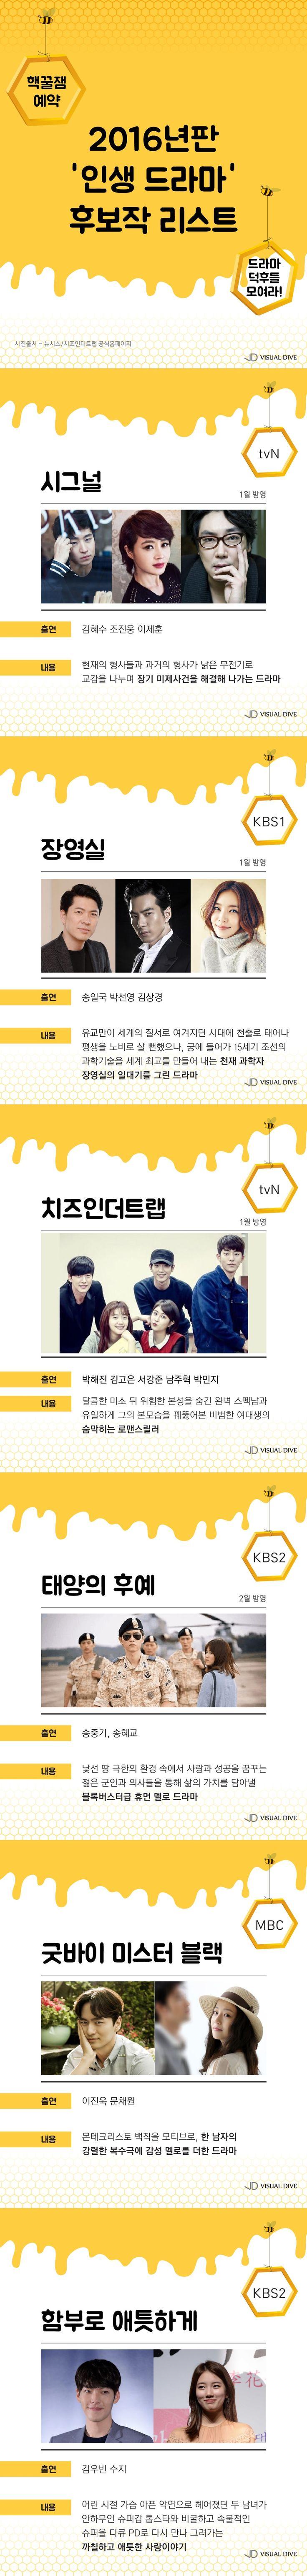 2016년 상반기 드라마 기대작 라인업 [카드뉴스] #Drama/ #Cardnews ⓒ 비주얼다이브 무단 복사·전재·재배포 금지